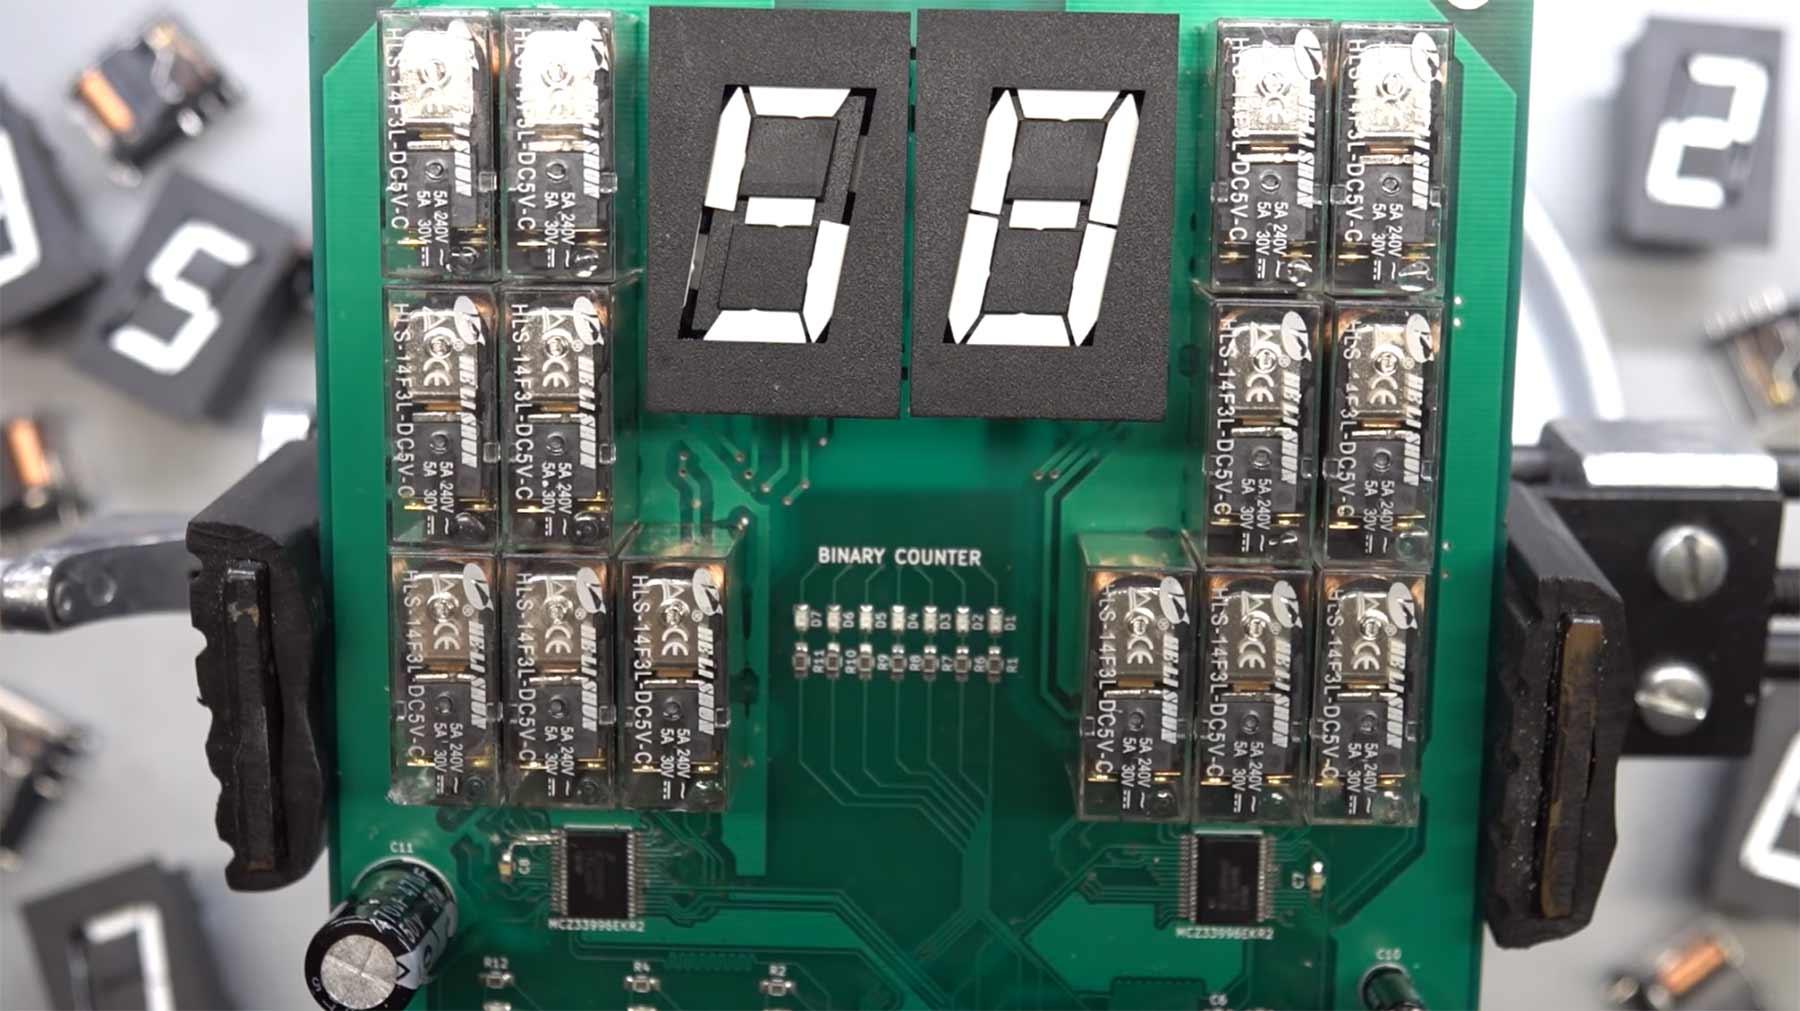 High Speed-Fallblattanzeige in herrlichen 60 Fps